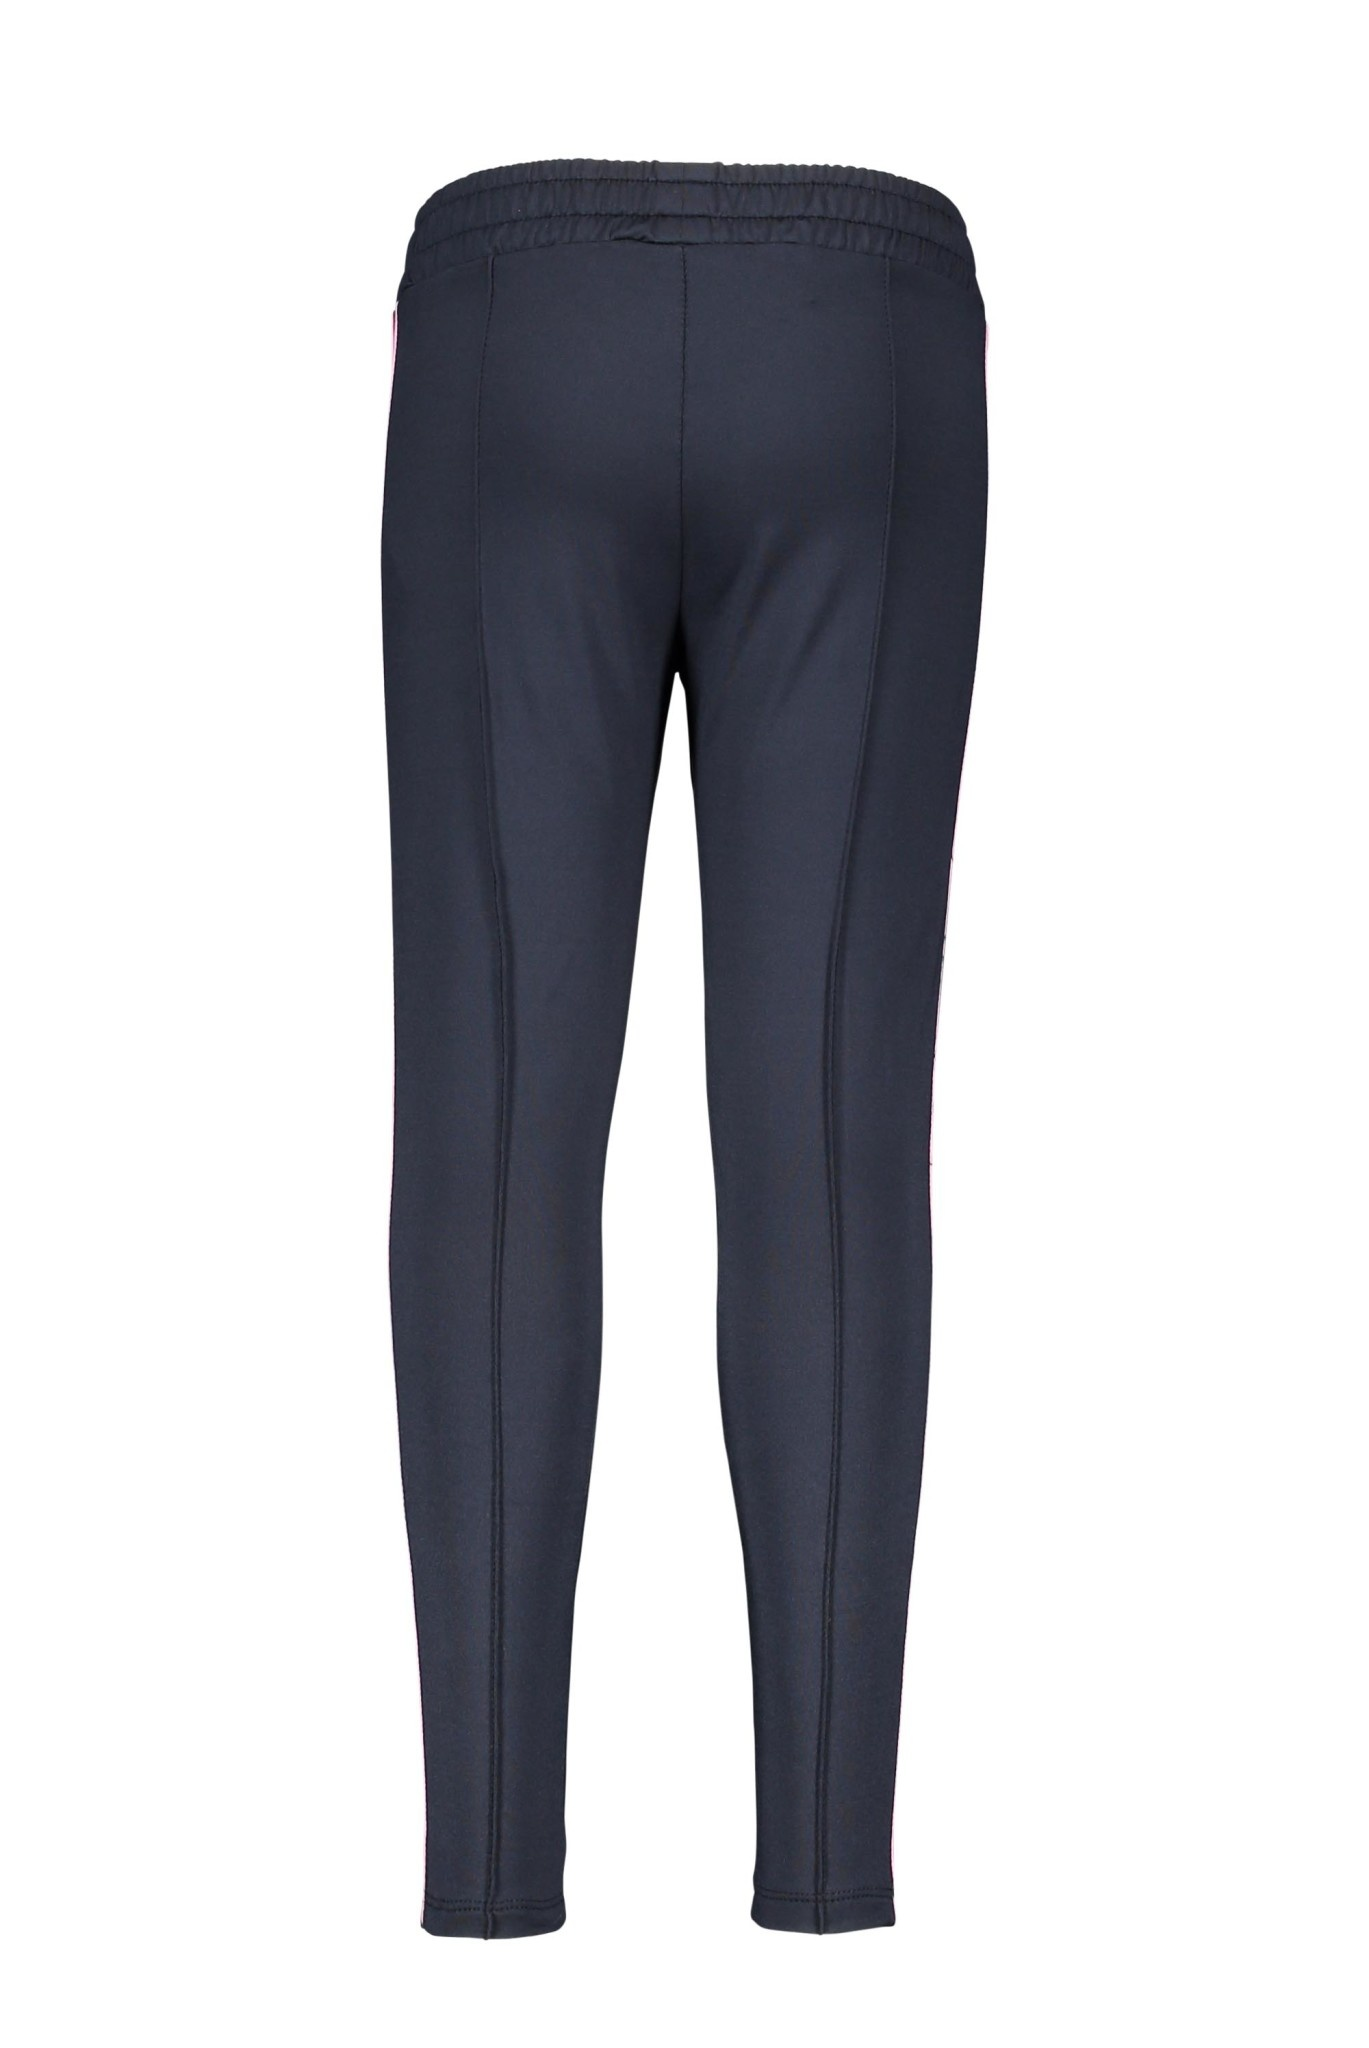 Myla Sport Sweatpants with Side Stroke